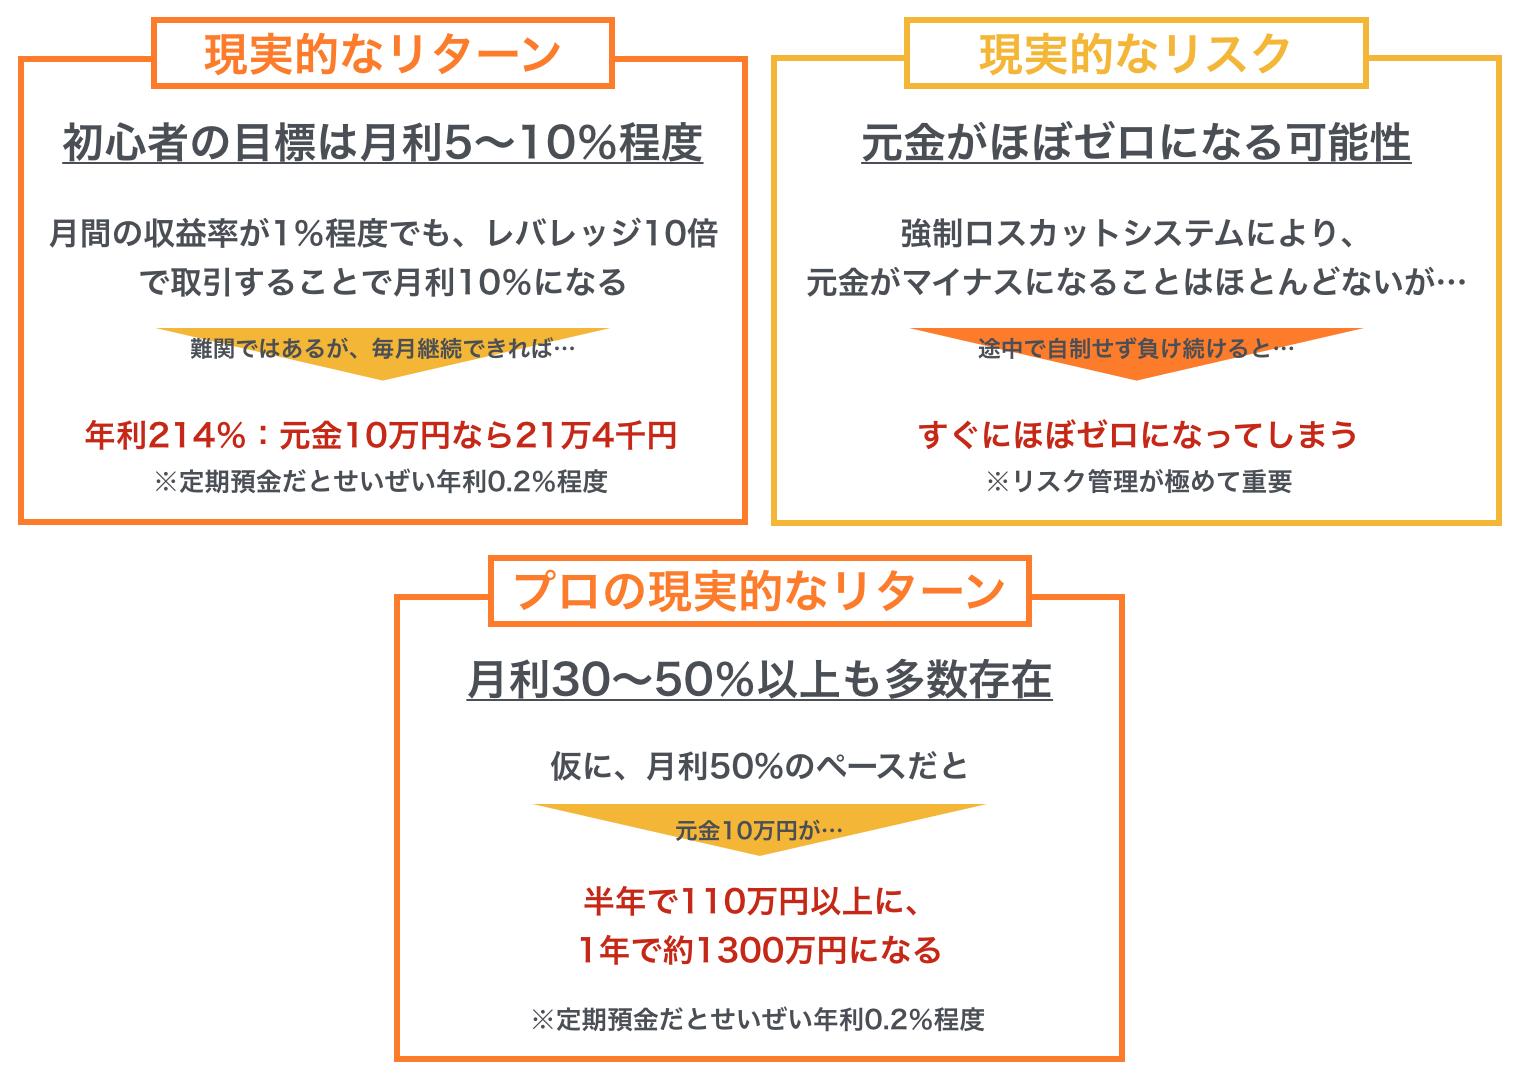 10万円から始めるFXの現実的なリターンとリスク